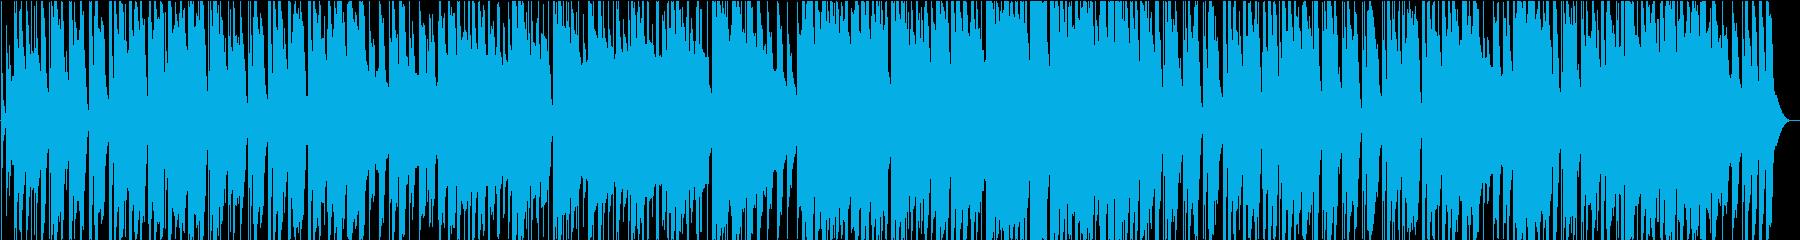 新しい日常に期待を膨らませるワクワク曲の再生済みの波形